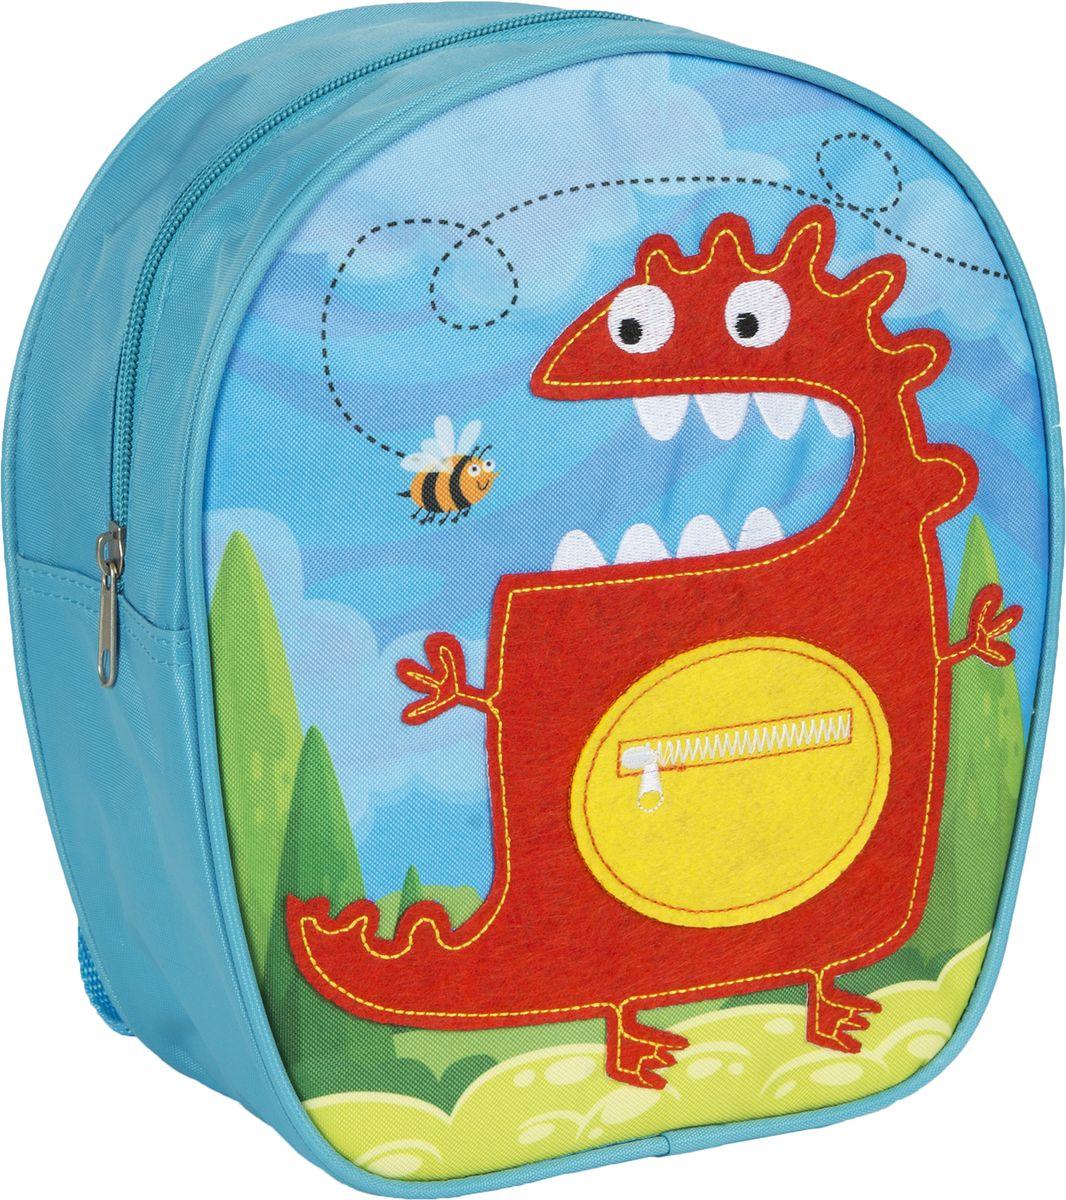 Росмэн Рюкзак дошкольный Монстр 3200932009Очаровательный дошкольный рюкзачок «Монстр» ТМ «РОСМЭН – это невероятно привлекательный аксессуар для вашего малыша. В его внутреннем отделении на молнии легко поместятся не только игрушки, но даже тетрадка или книжка. Благодаря регулируемым лямкам, рюкзачок подходит детям любого роста. Удобная ручка помогает носить аксессуар в руке или размещать на вешалке. Износостойкий материал с водонепроницаемой основой и подкладка обеспечивают изделию длительный срок службы и помогают держать вещи сухими в дождливую погоду. Аксессуар декорирован ярким принтом (сублимированной печатью), устойчивым к истиранию и выгоранию на солнце, аппликацией из фетра и вышивкой. Размер: 22х25х9 см.